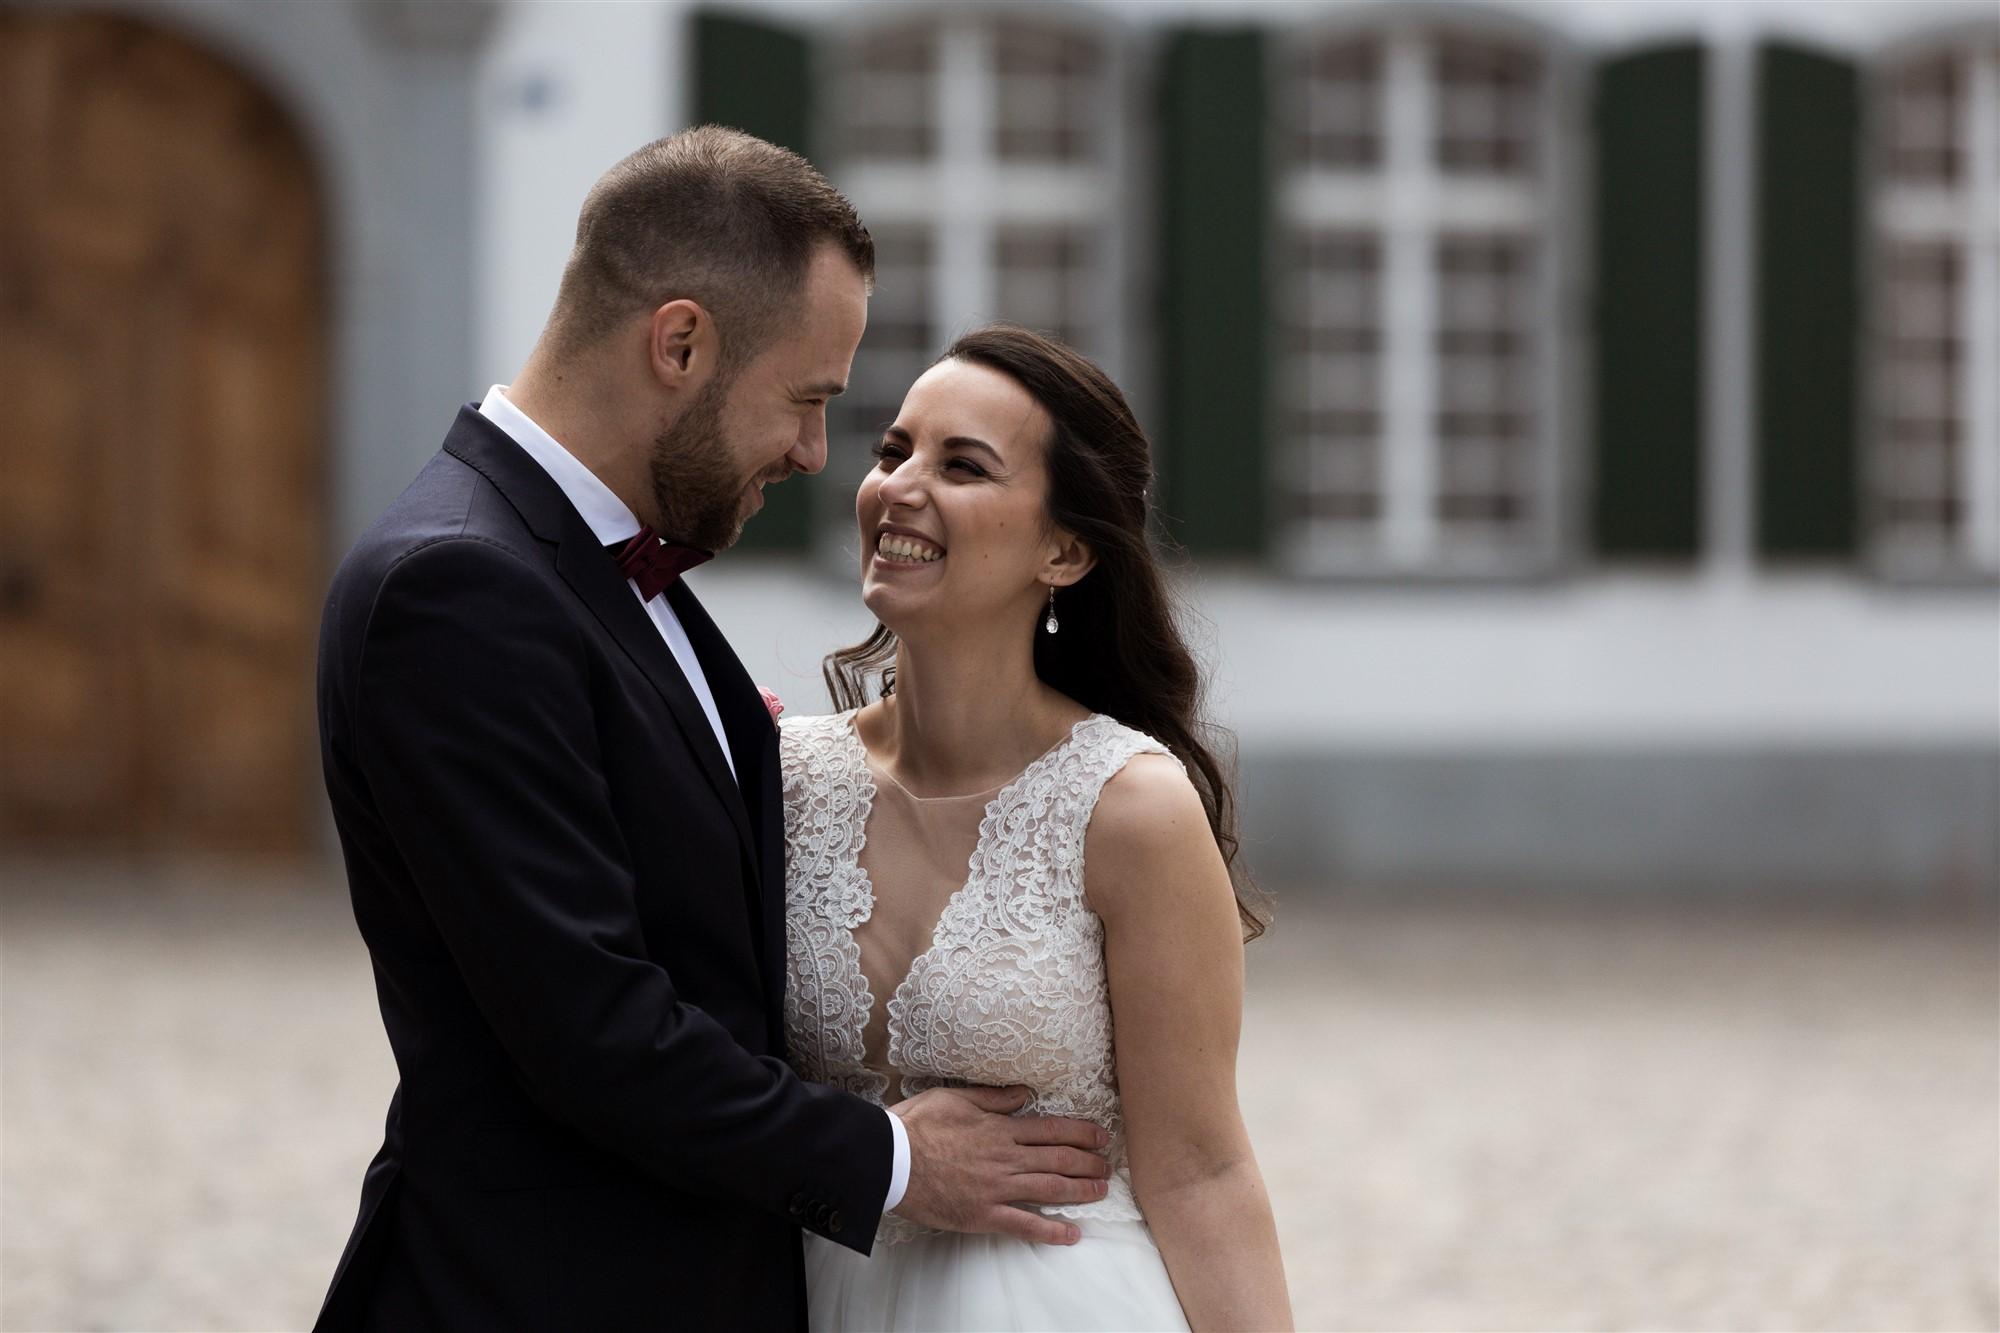 Brautpaar Fotoshooting auf dem Münsterplatz in Basel - Hochzeitsfotografen Basel